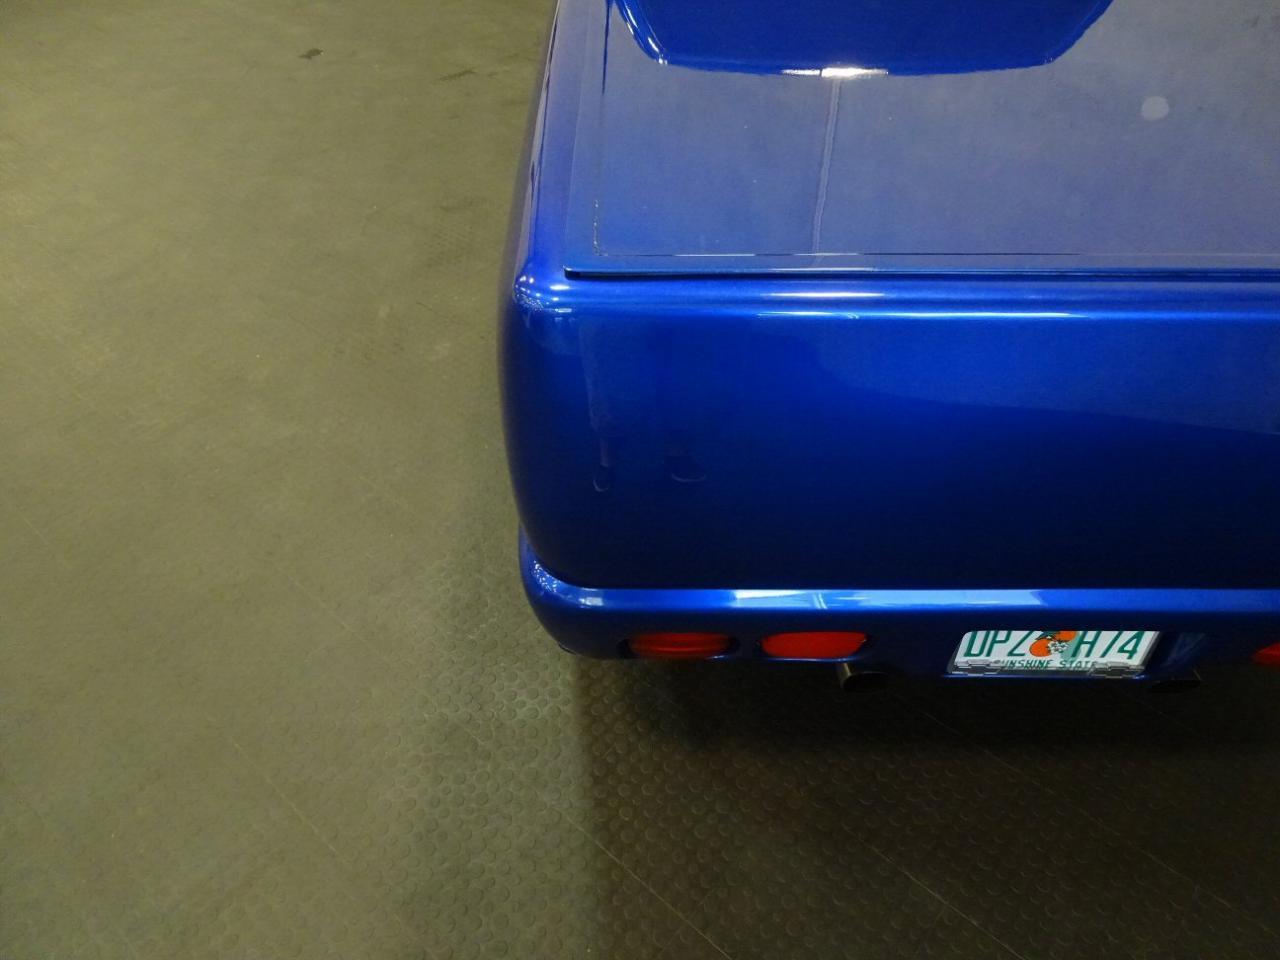 2001 Chevrolet S10 4